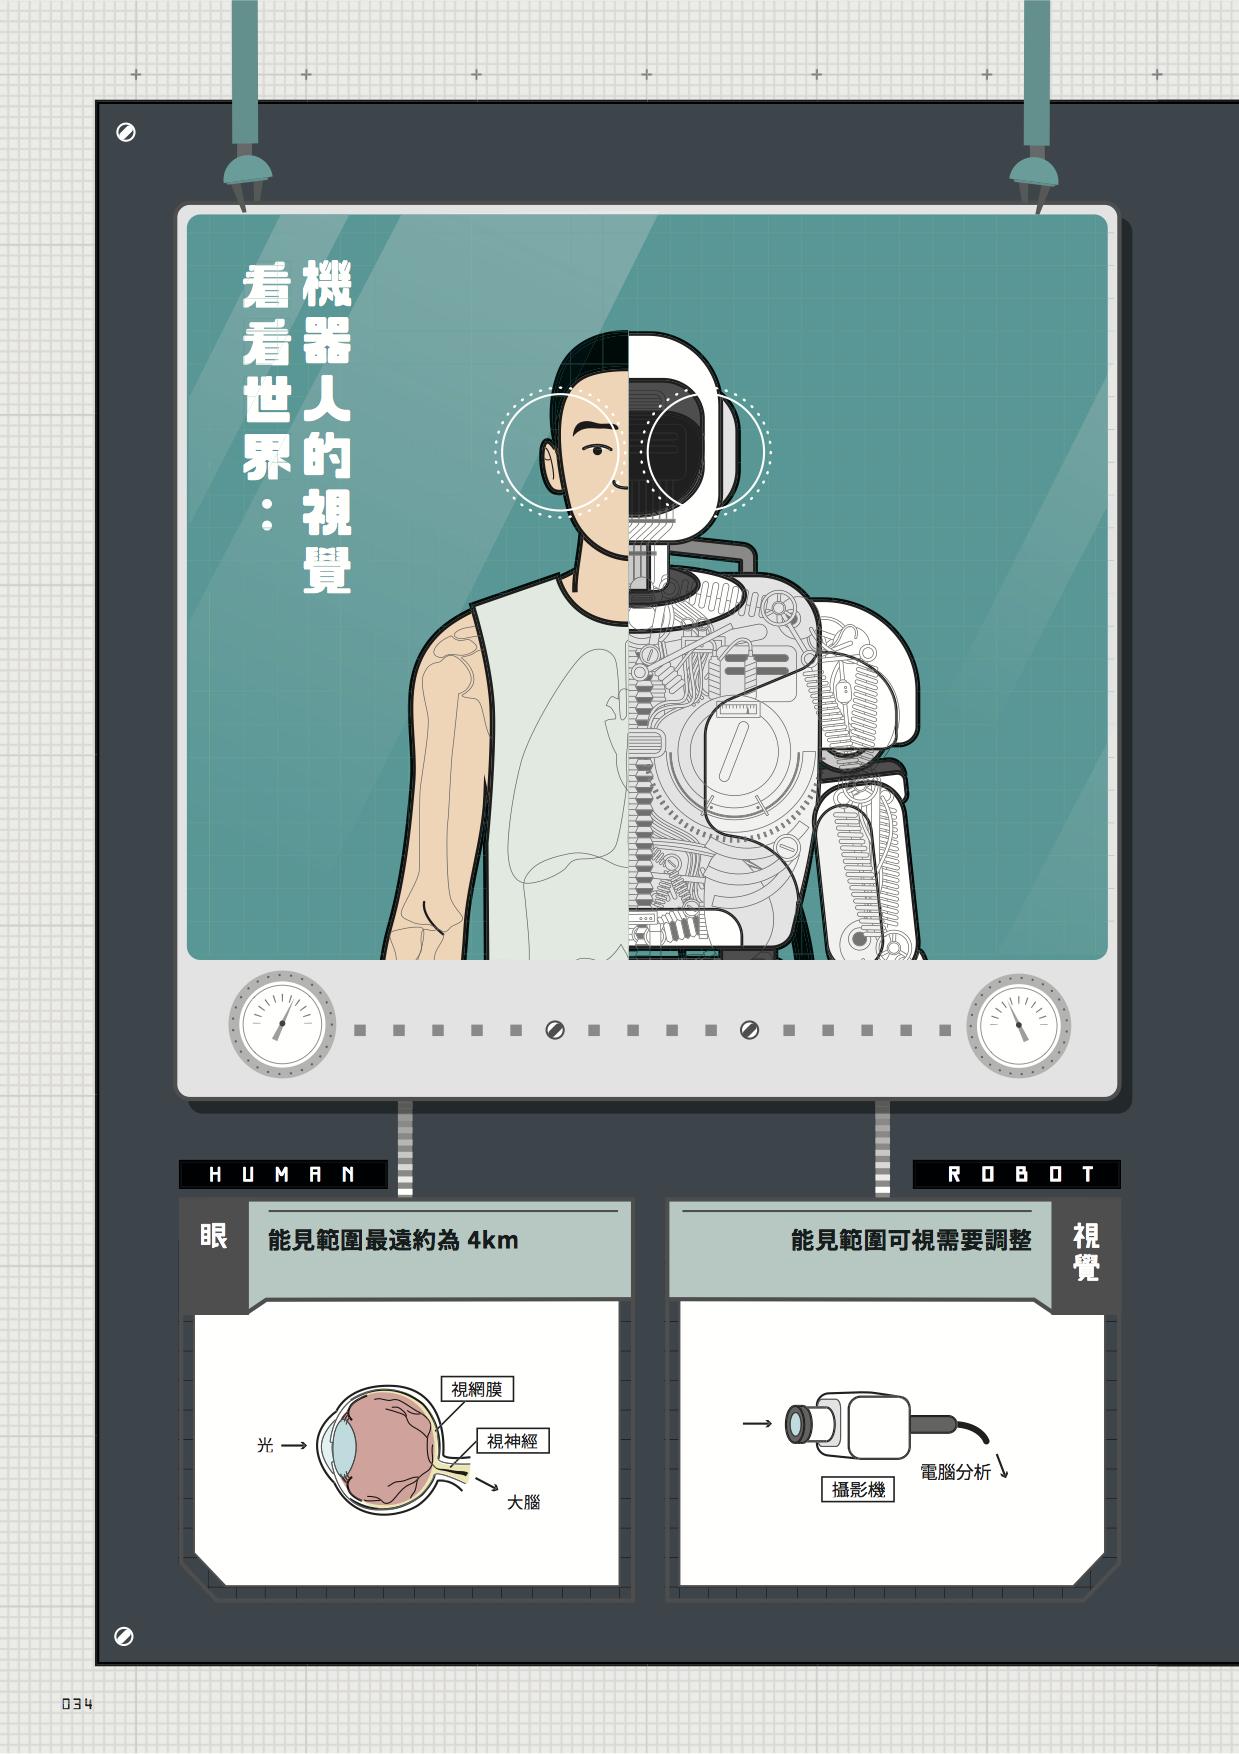 機器人的視覺